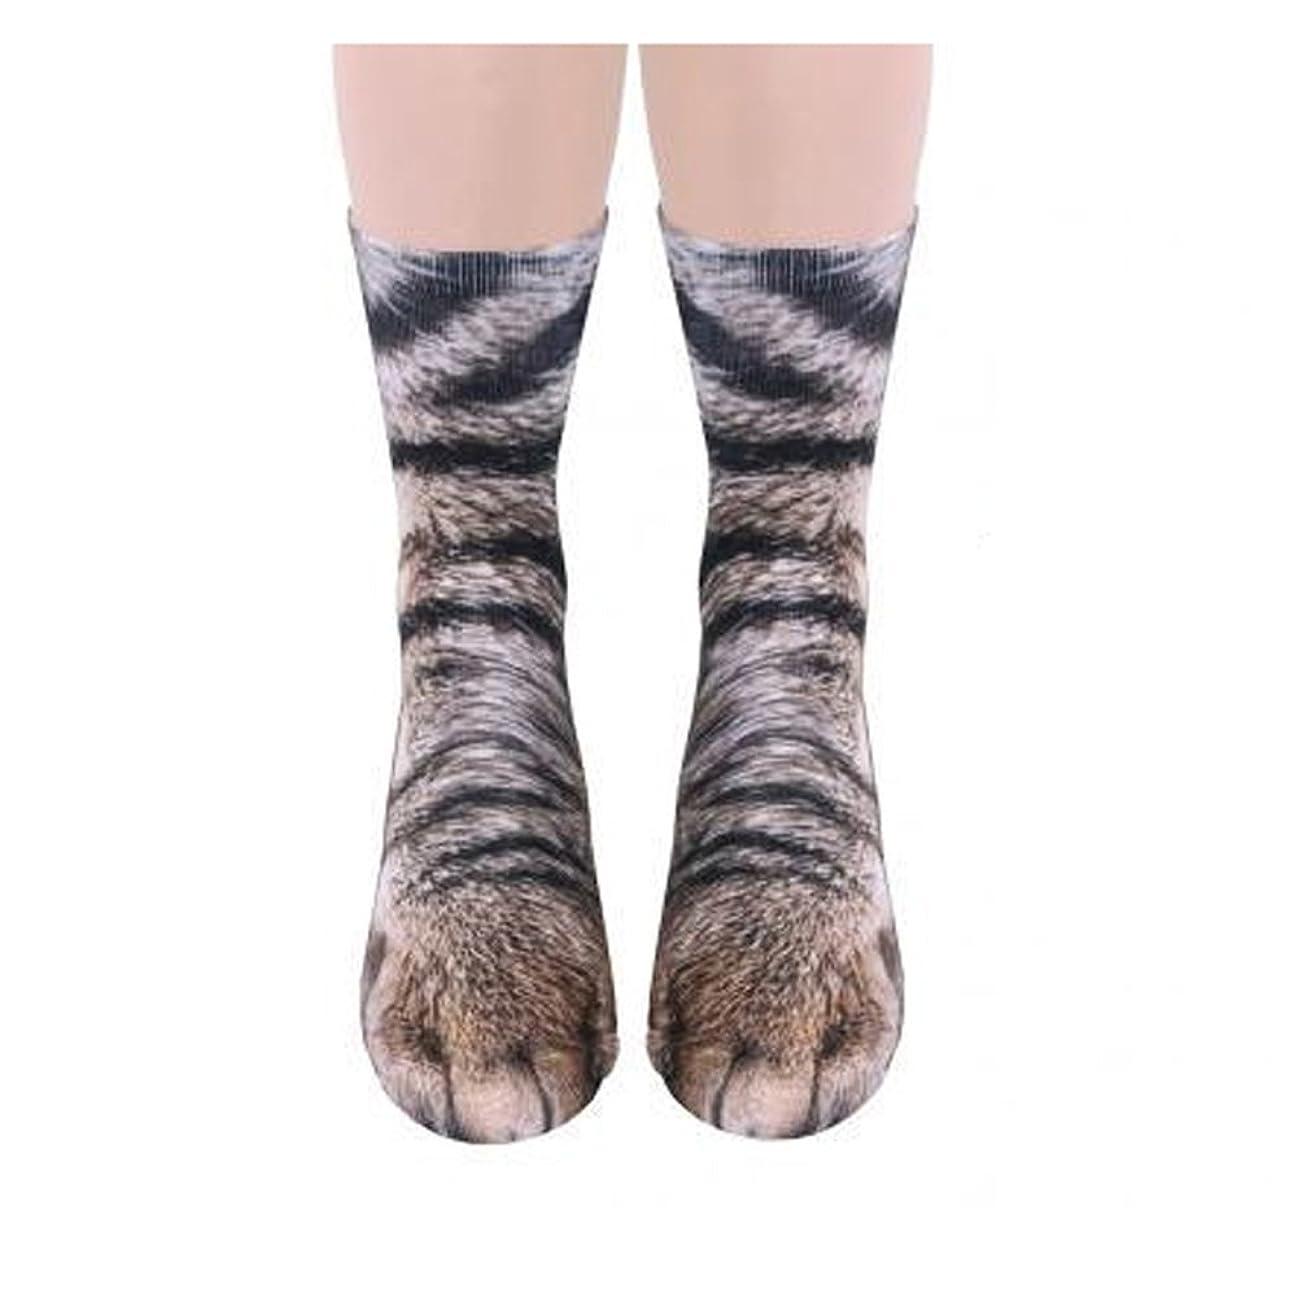 悪魔延ばす勤勉なユニセックスアダルト かわいい猫 キティ 足ソックス、 動物の足3Dシミュレーション印刷クルーソックス、1組